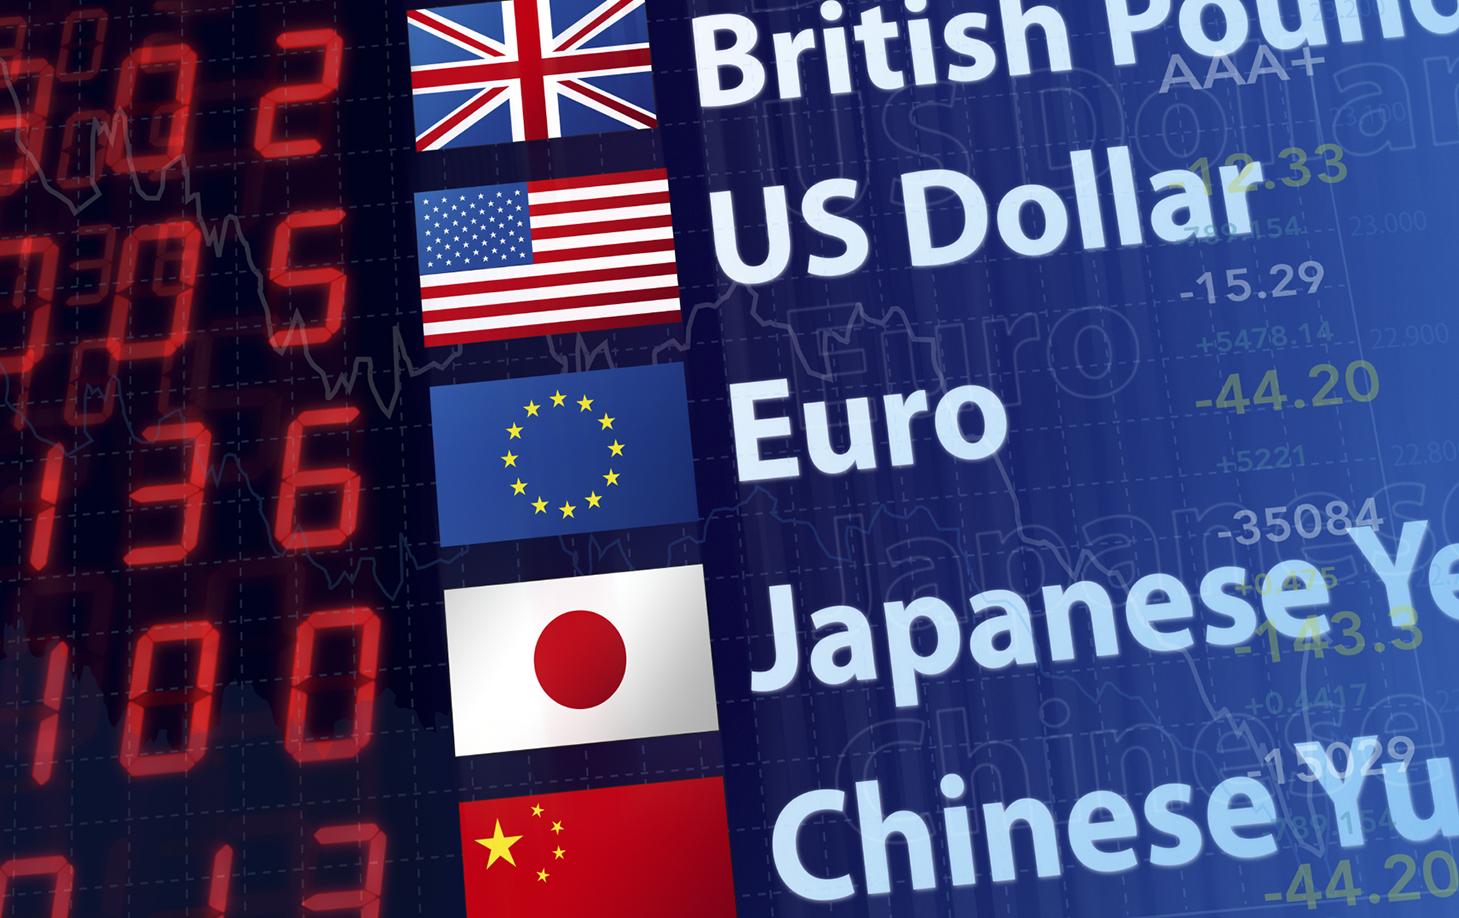 Tỷ giá hạch toán USD tháng 3/2020 là 23.217 đồng/USD